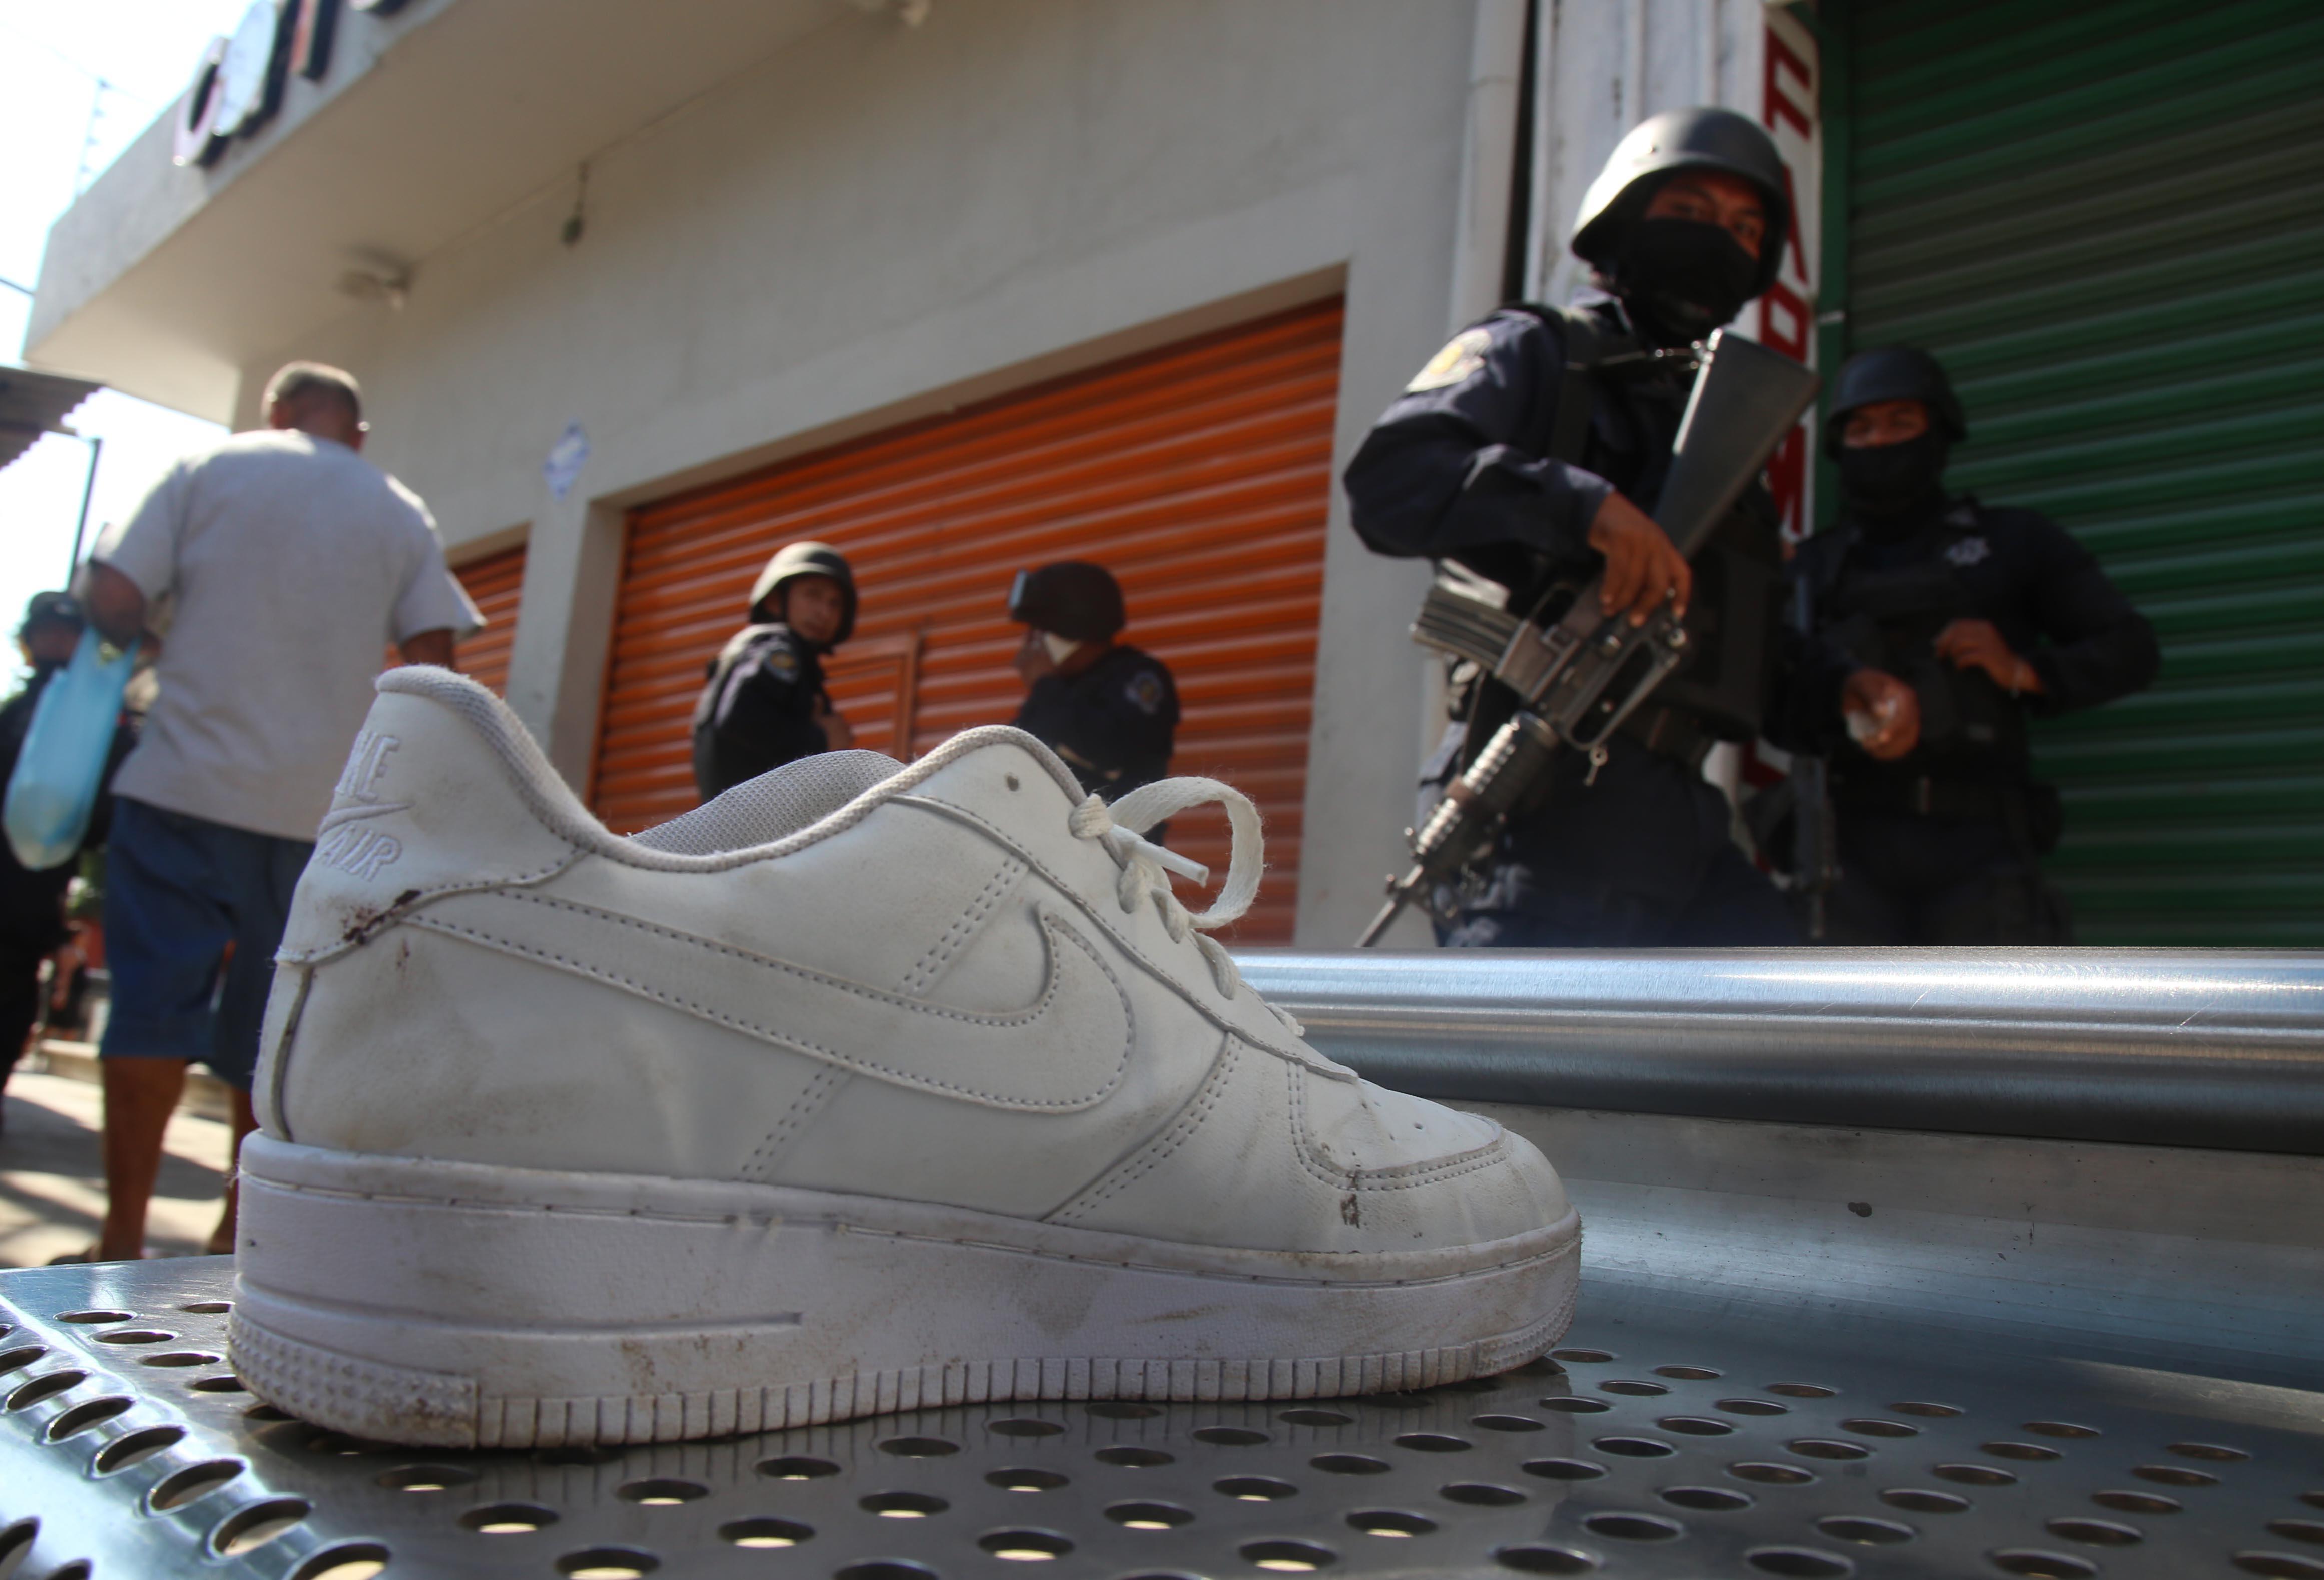 10-Enero-2108 Acapulco,Gro. El tenis de uno de los hombres que resultaron heridos en el enfrentamiento entre hombre armados en el boulevard Vicente Guerrero, al fondo policías estatales vigilan la zona. Foto: Carlos Alberto Carbajal